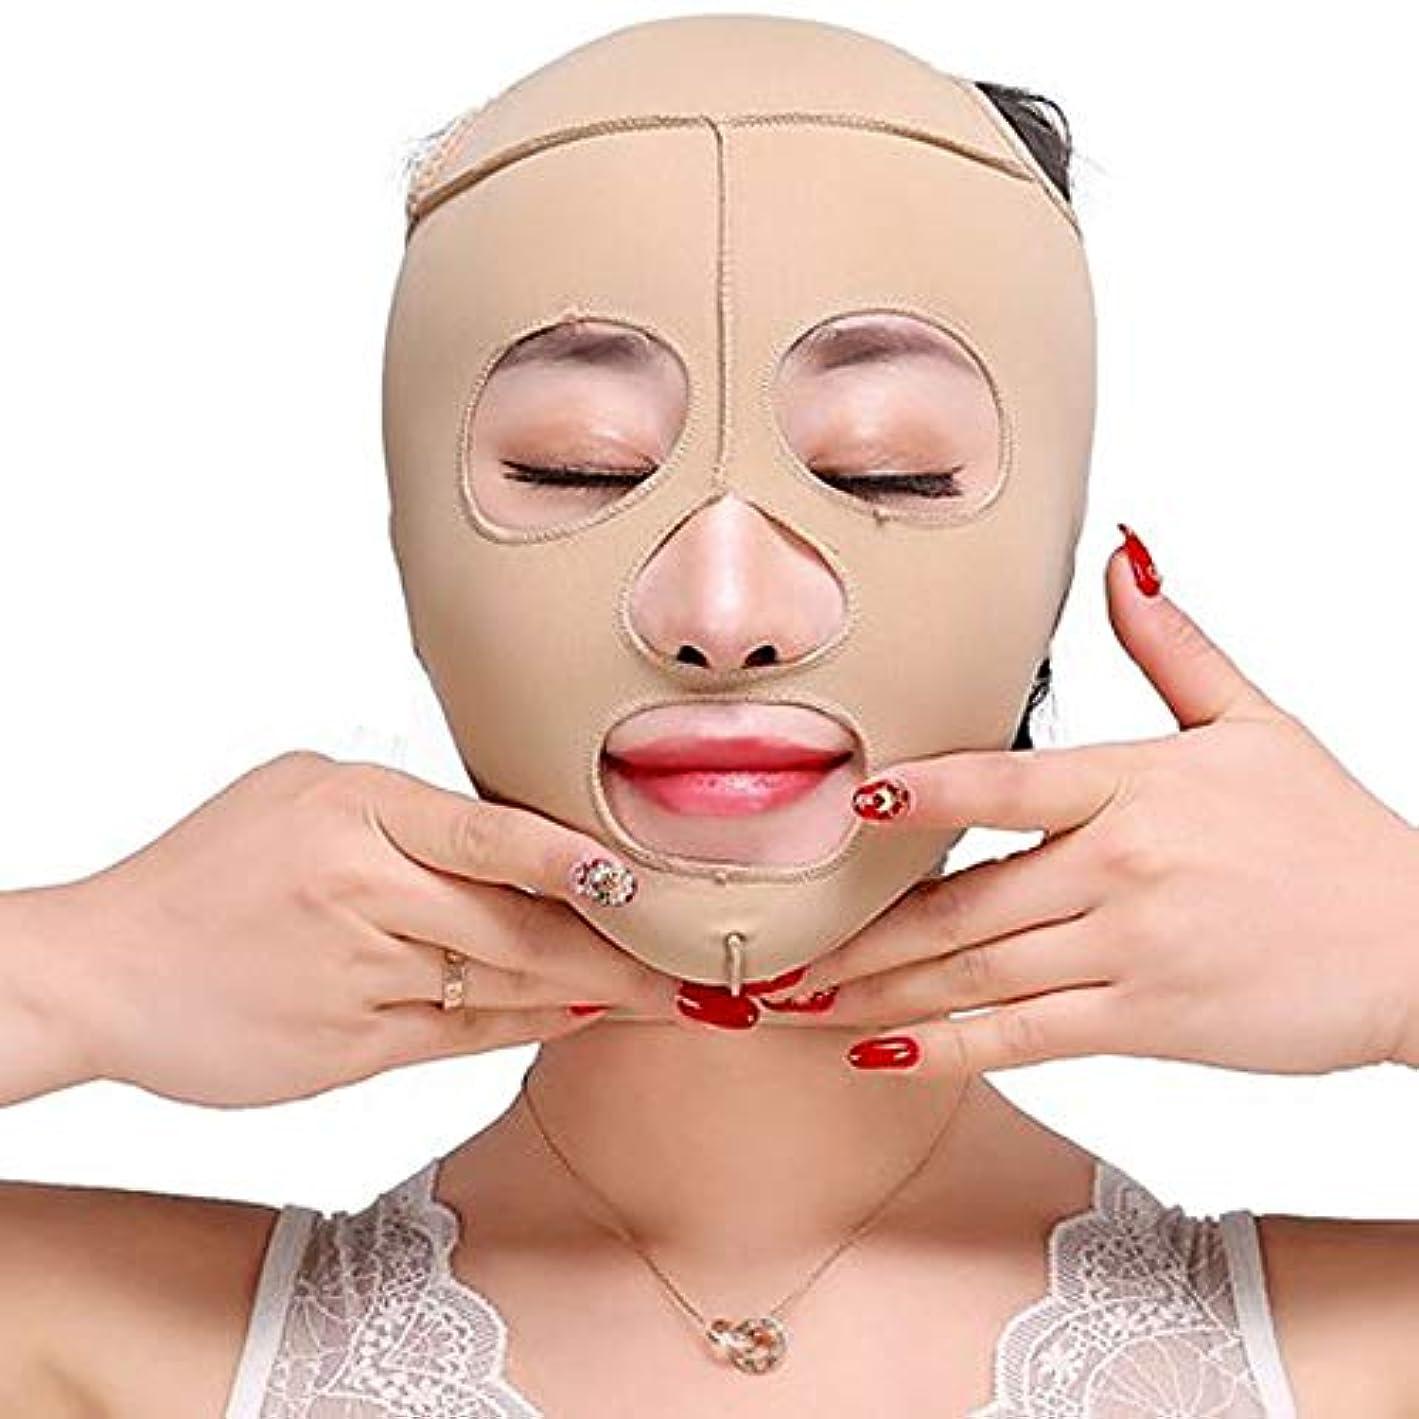 間に合わせ悲観的セラフTLMY フェイシャルリフティングフェイシャルVマスクダブルあご薄い顔包帯抗シワリフティングチークライン 顔用整形マスク (Size : L)